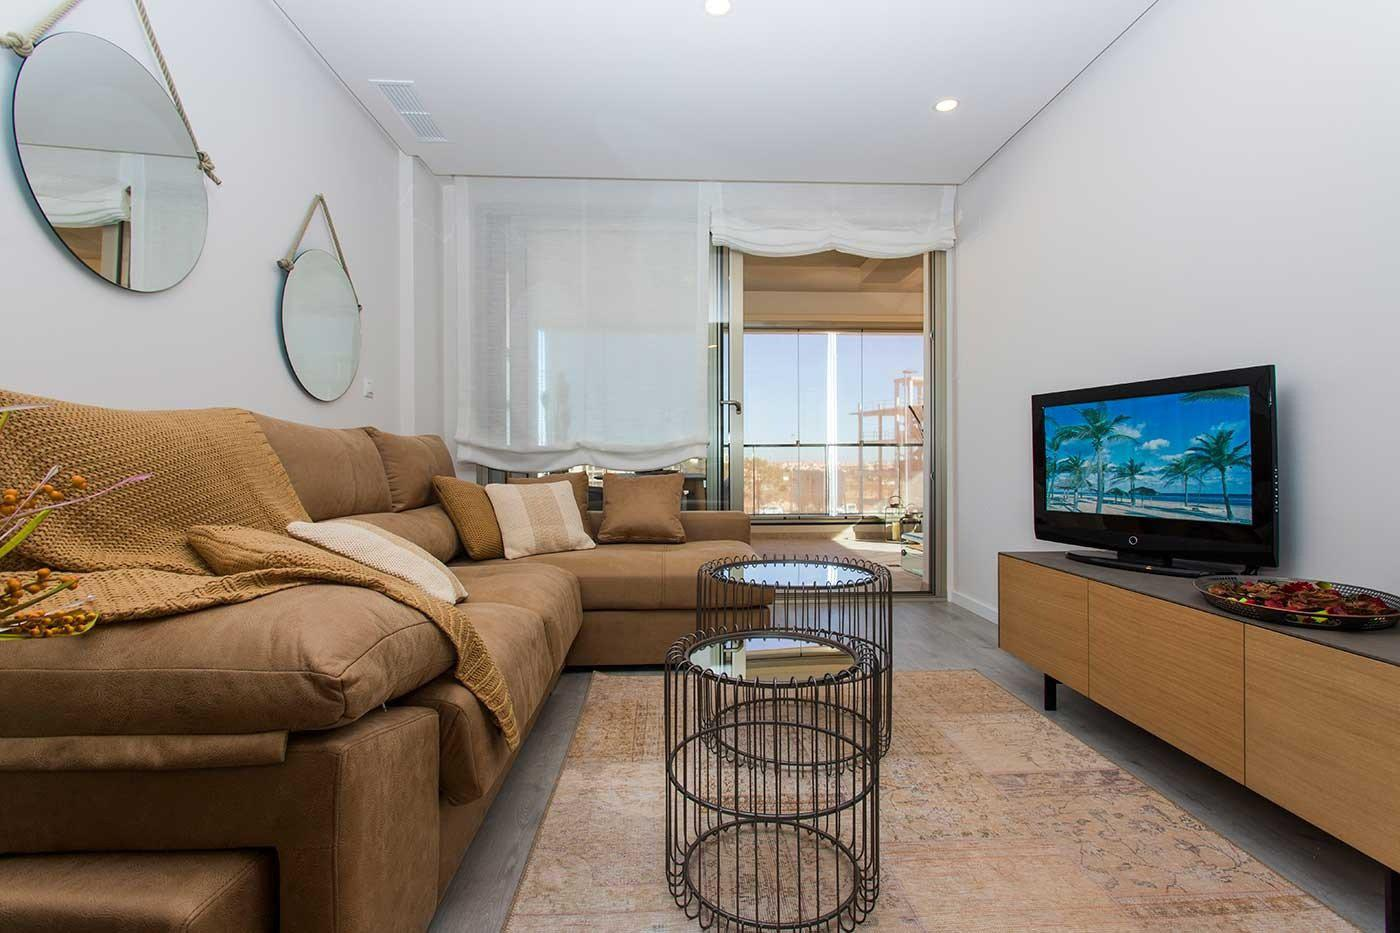 Complejo de estilo moderno con apartamentos de 2,3 dormitorios y 2 baños con amplias terra - imagenInmueble25